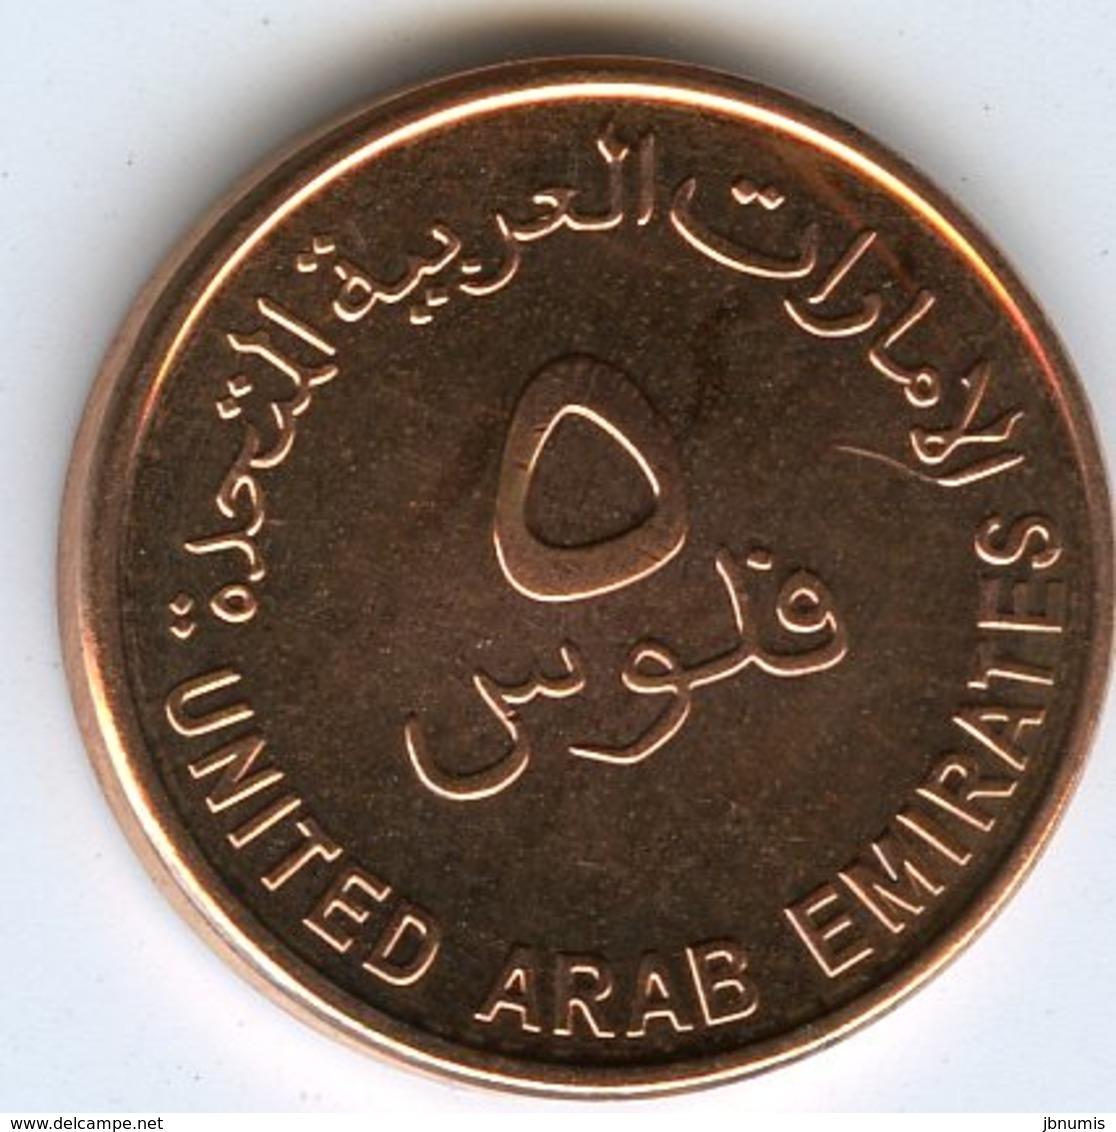 Emirats Arabes Unis United Arab Emirates 5 Fils 1435 - 2014 UNC KM 2.2 - Emirats Arabes Unis